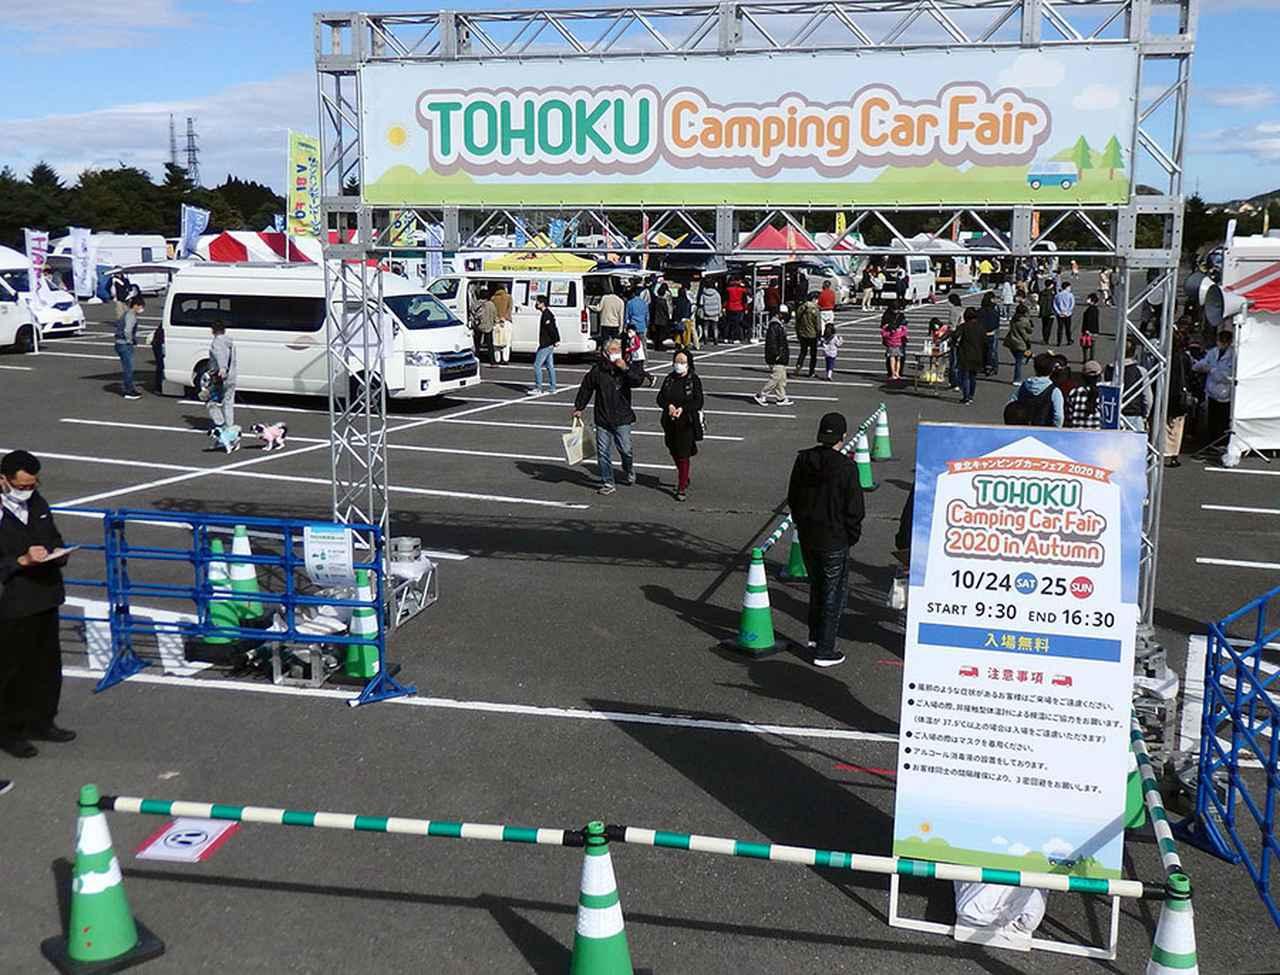 画像1: 第2回 東北キャンピングカーフェア2021秋